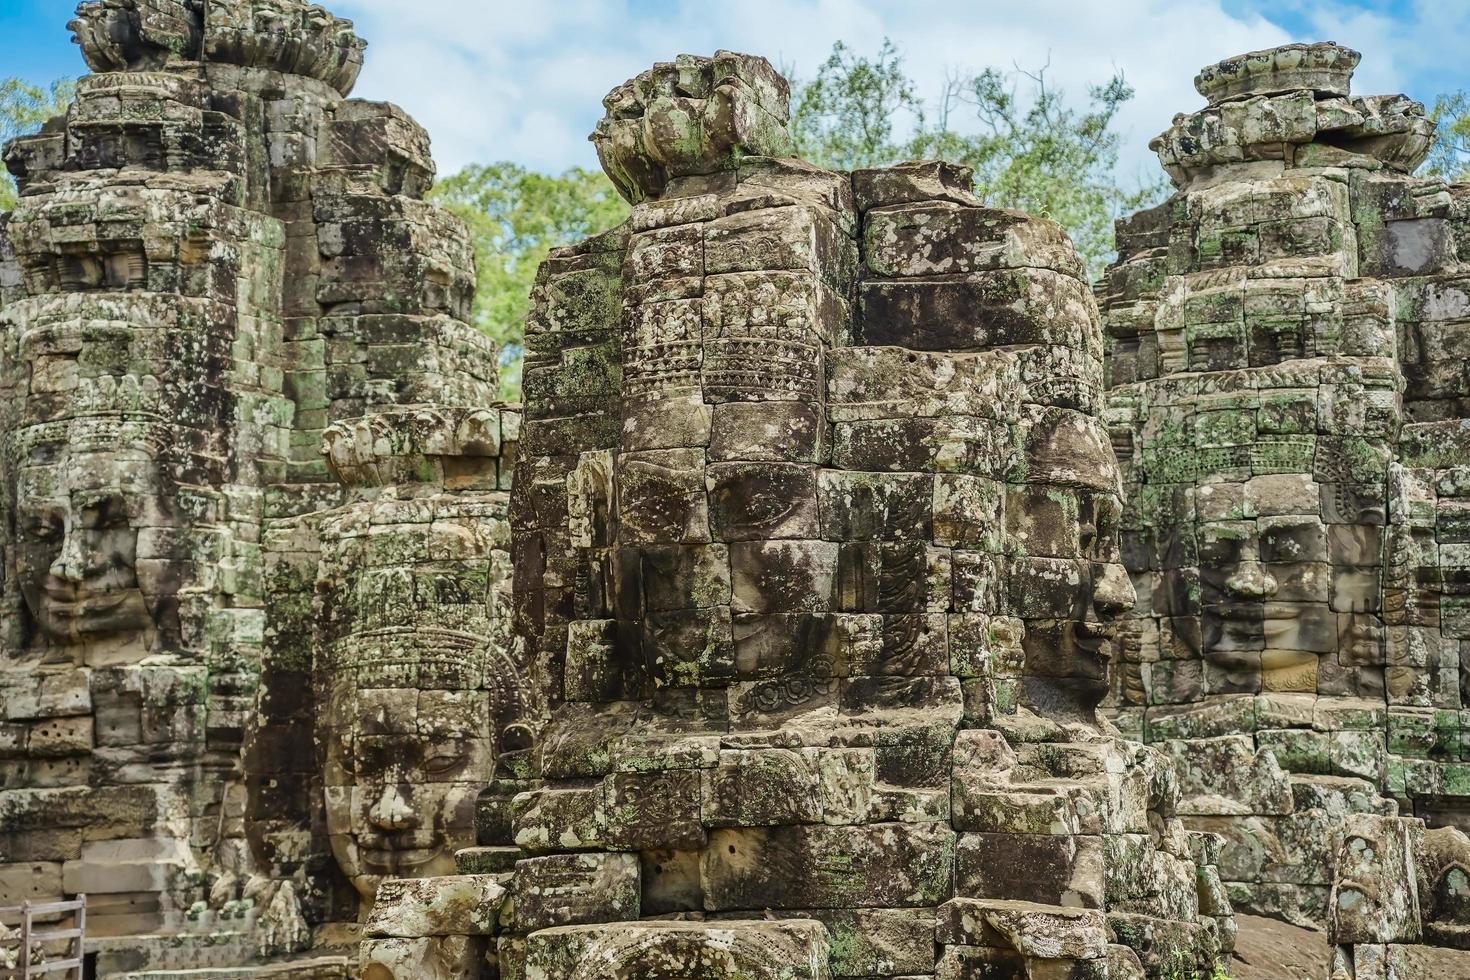 Antiguos rostros de piedra del templo de Bayon, Angkor Wat, Siam Reap, Camboya foto